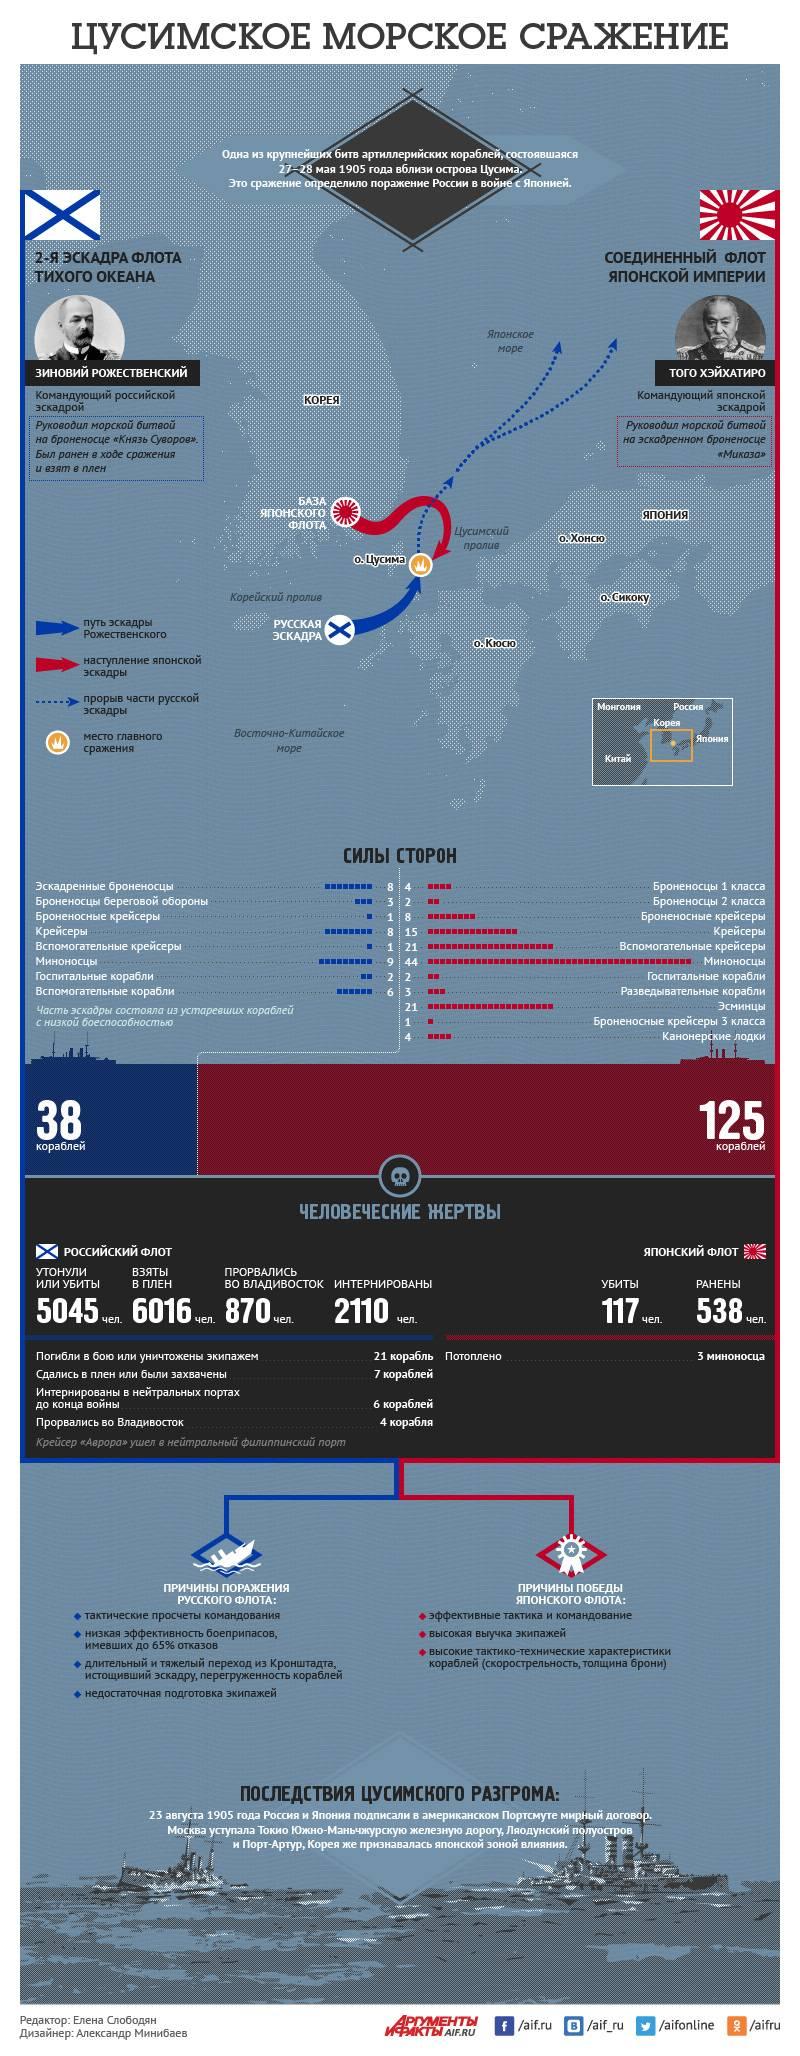 Цусимское морское сражение. Инфографика